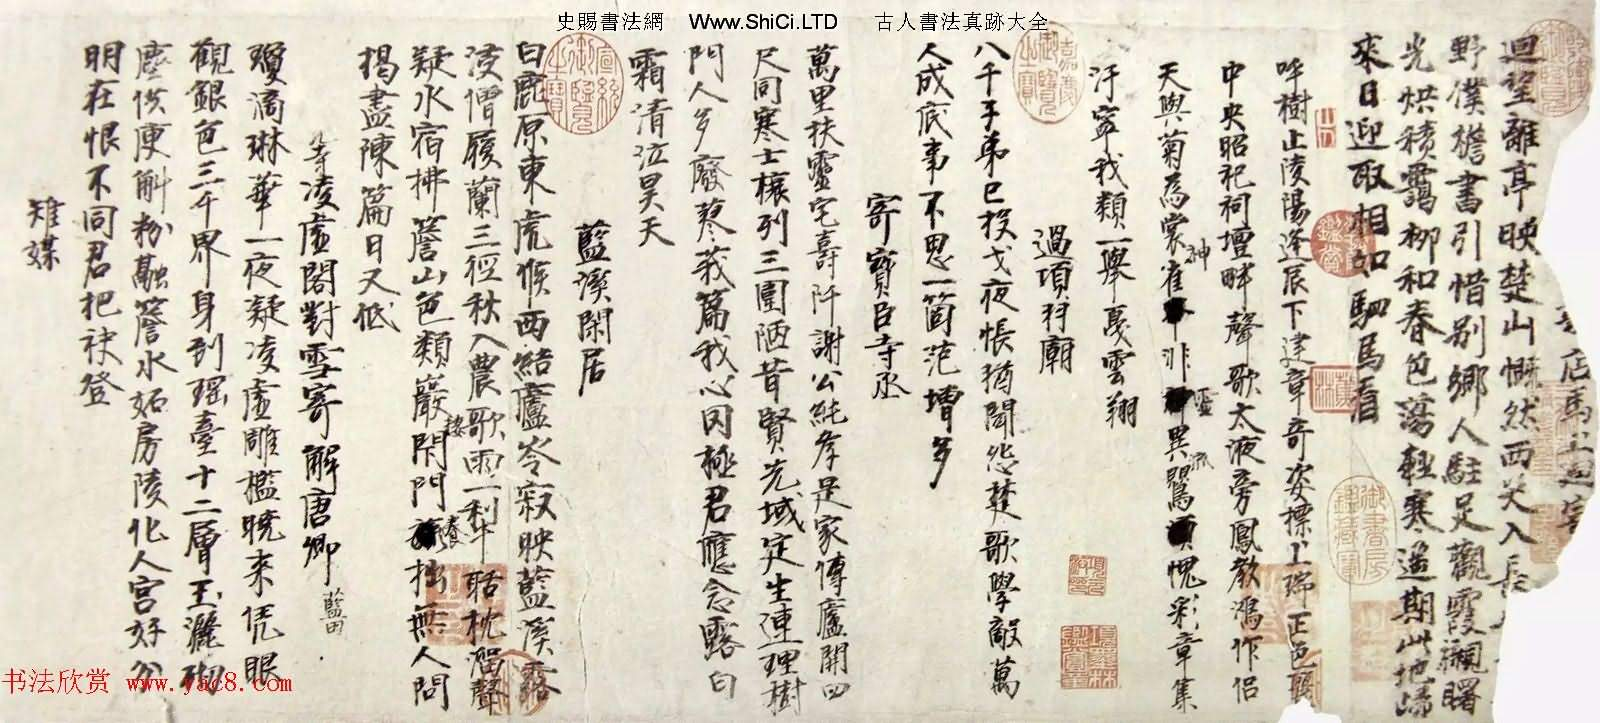 宋代陳洎行書《自書詩殘卷》(共4張圖片)